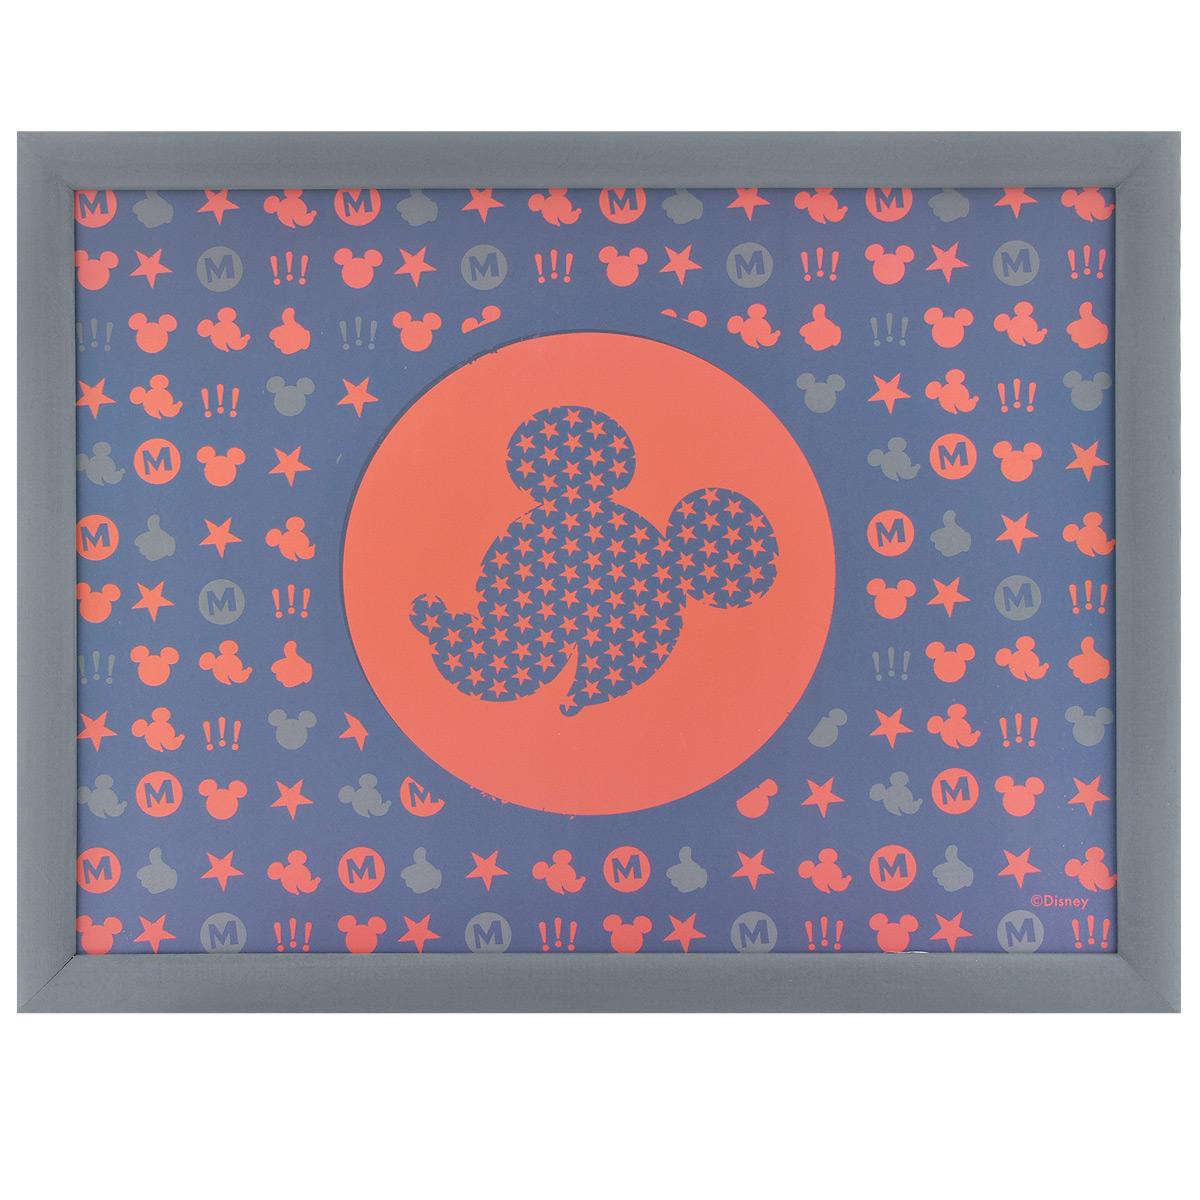 Столик-поднос Disney Микки, с подушкой, цвет: синий, красный, 44 см х 34 см х 8 см61244синийСтолик-поднос Disney Микки удобно помещается на коленях. Его можно использовать для рисования, работы с ноутбуком или чтобы перекусить. Столик изготовлен из дерева и имеет мягкое основание в виде подушки, наполненной крупными шариками пенопласта. Яркий дизайн с изображением Микки Мауса обязательно понравится вашему ребенку.